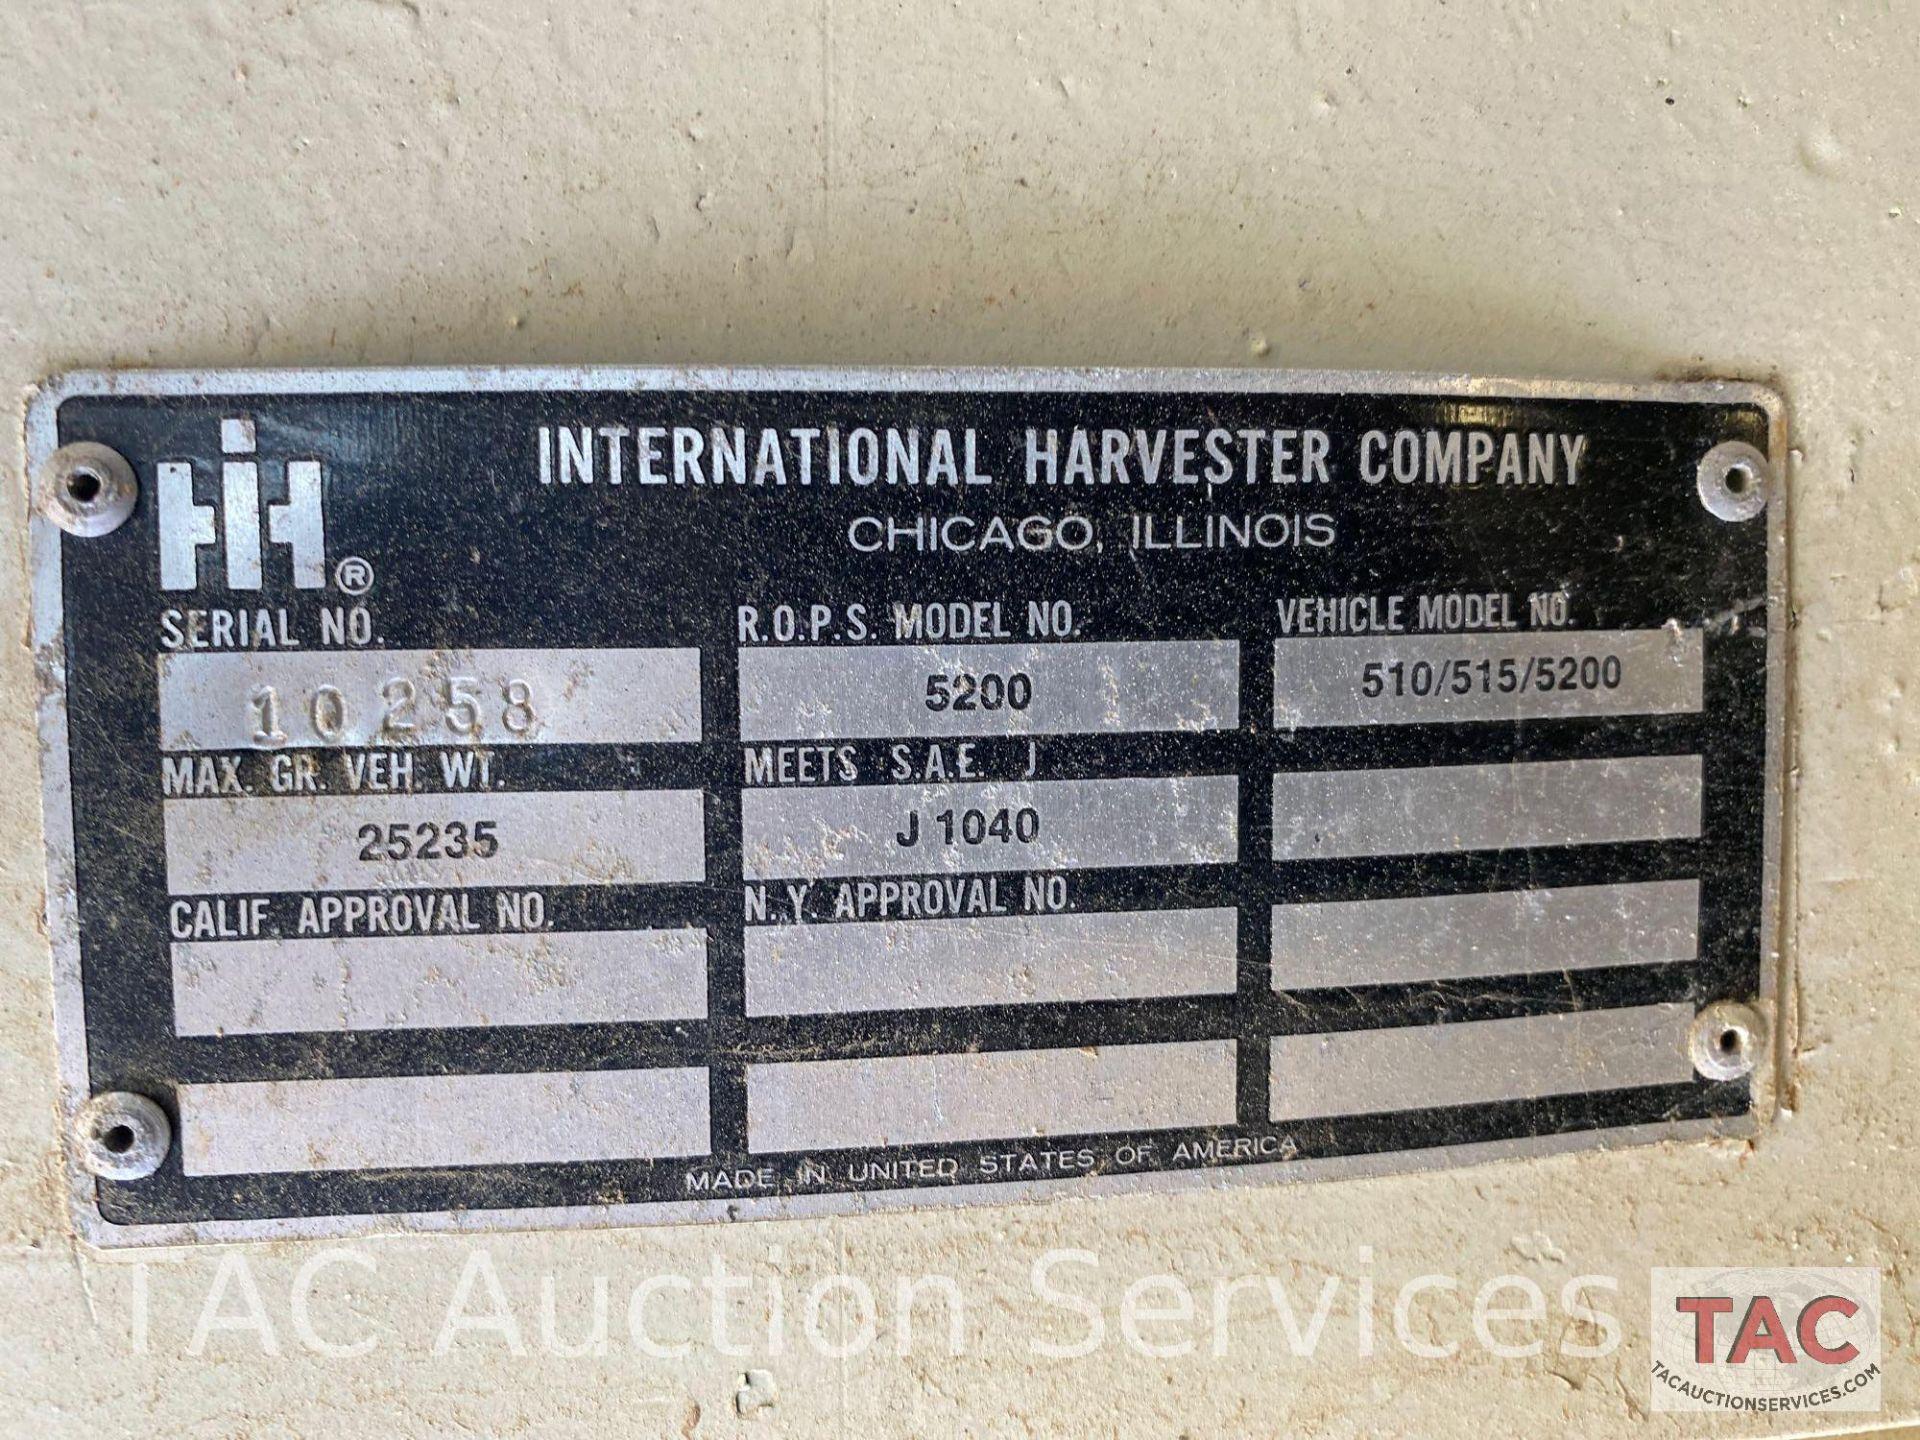 International Harvester 510B Loader - Image 30 of 31